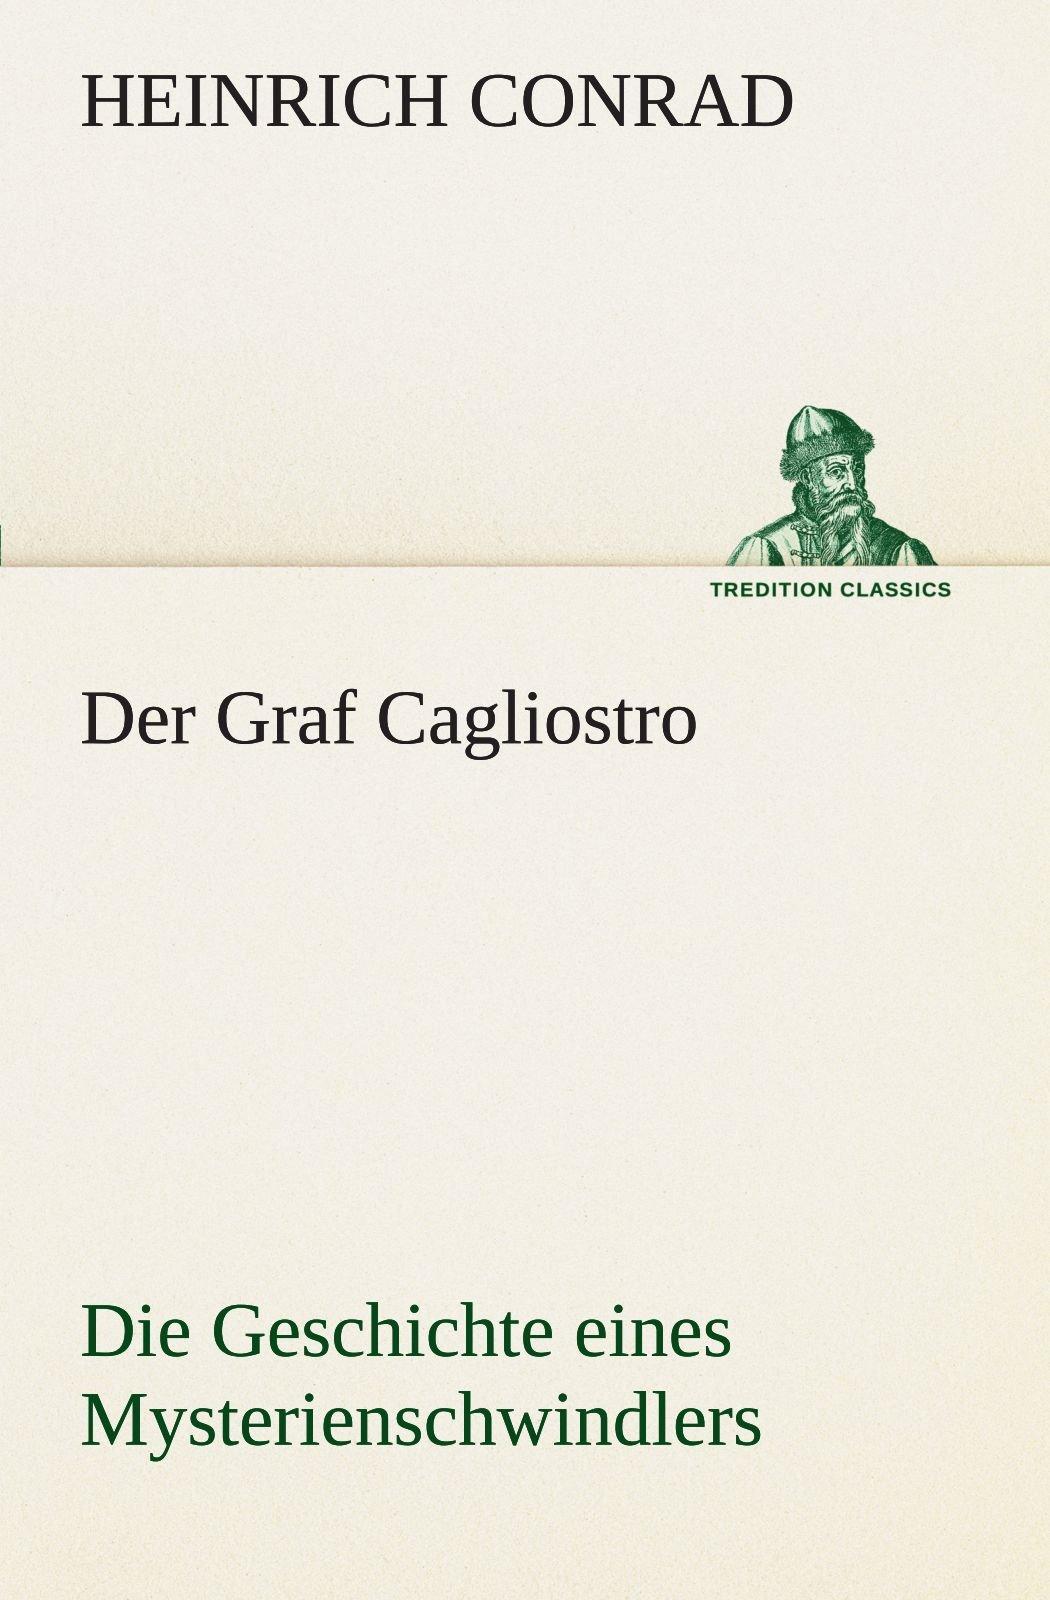 Der Graf Cagliostro: Die Geschichte eines Mysterienschwindlers (TREDITION CLASSICS)